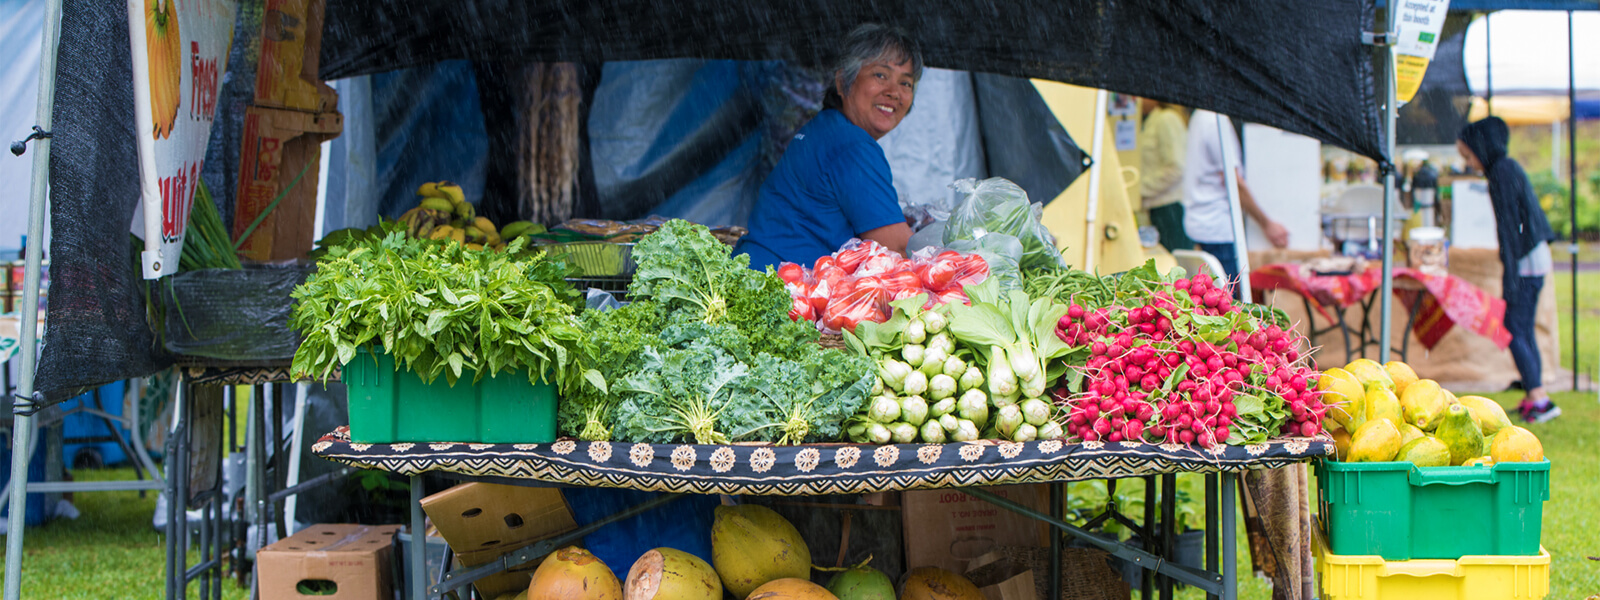 Outdoor vegetable stand at Western Week Event in Honokaa